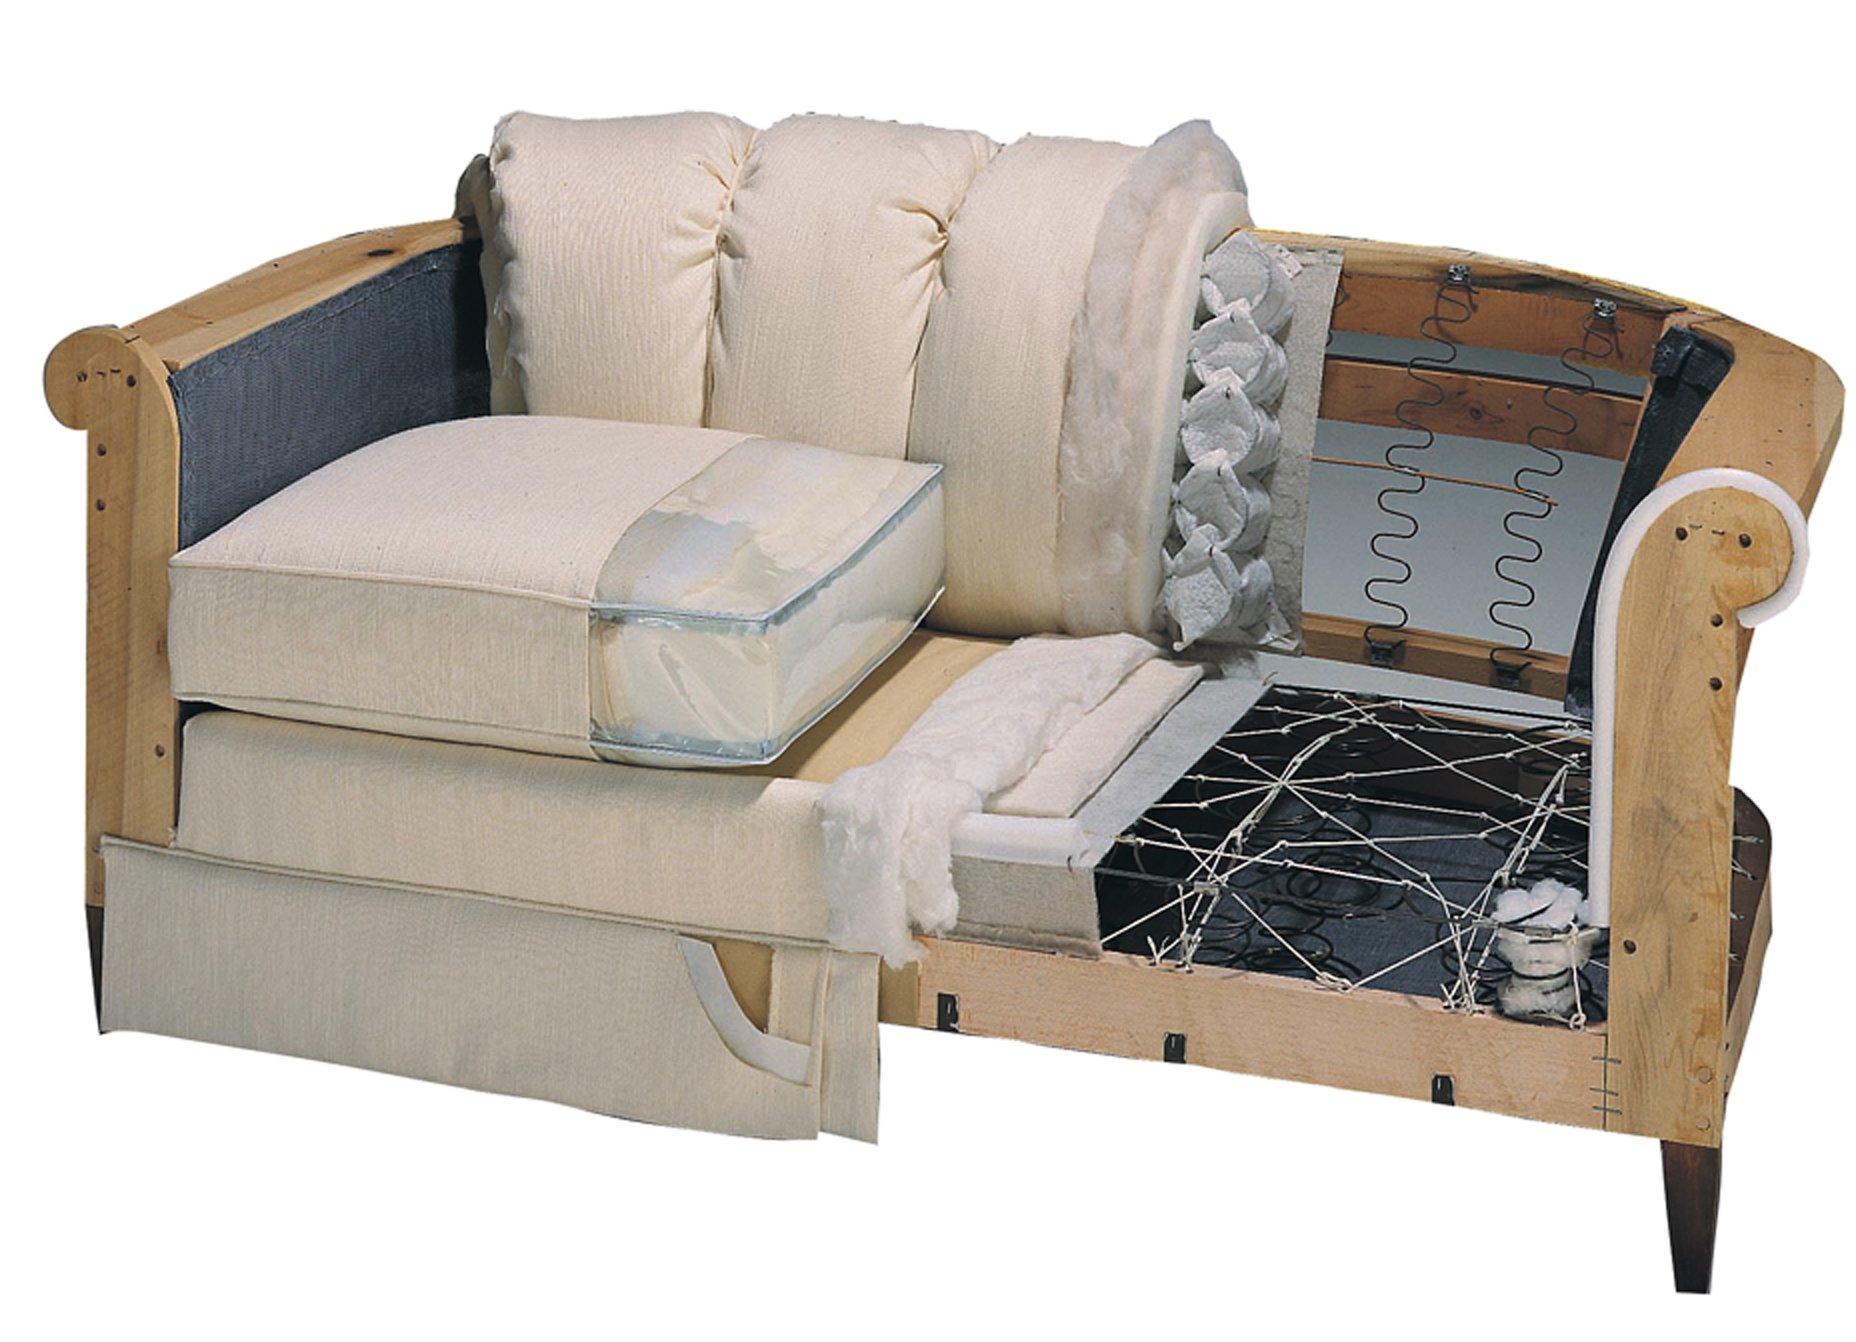 Оценка повреждений дивана